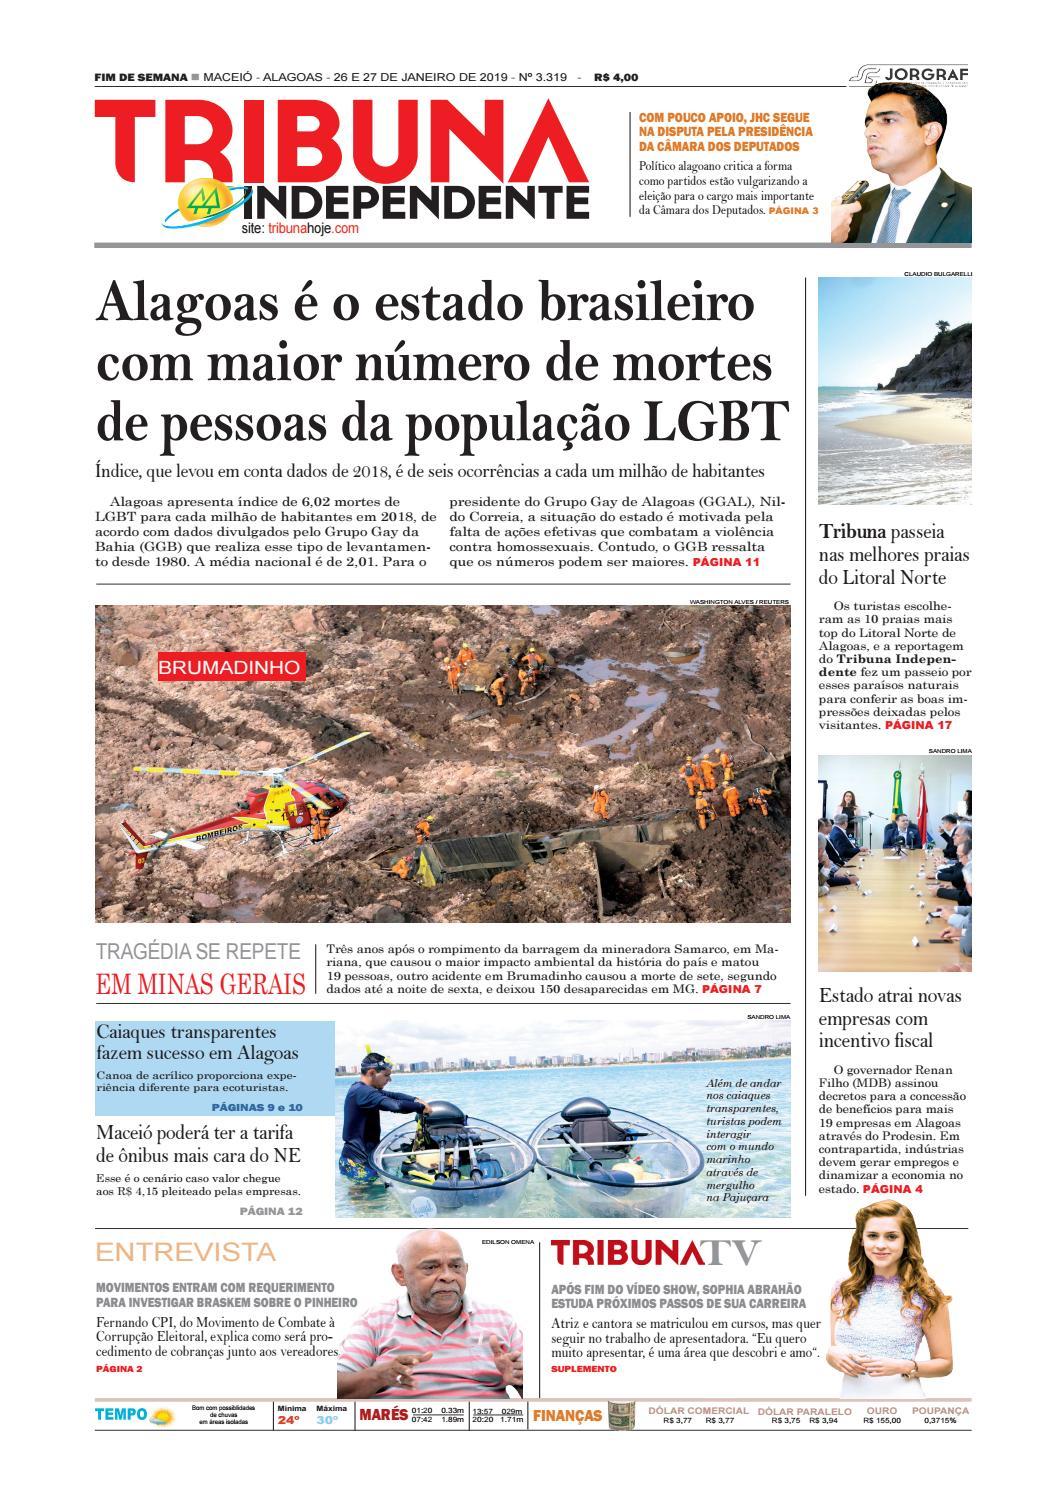 Edição número 3319 - 26 e 27 de janeiro de 2019 by Tribuna Hoje - issuu b9d1b04f1c8